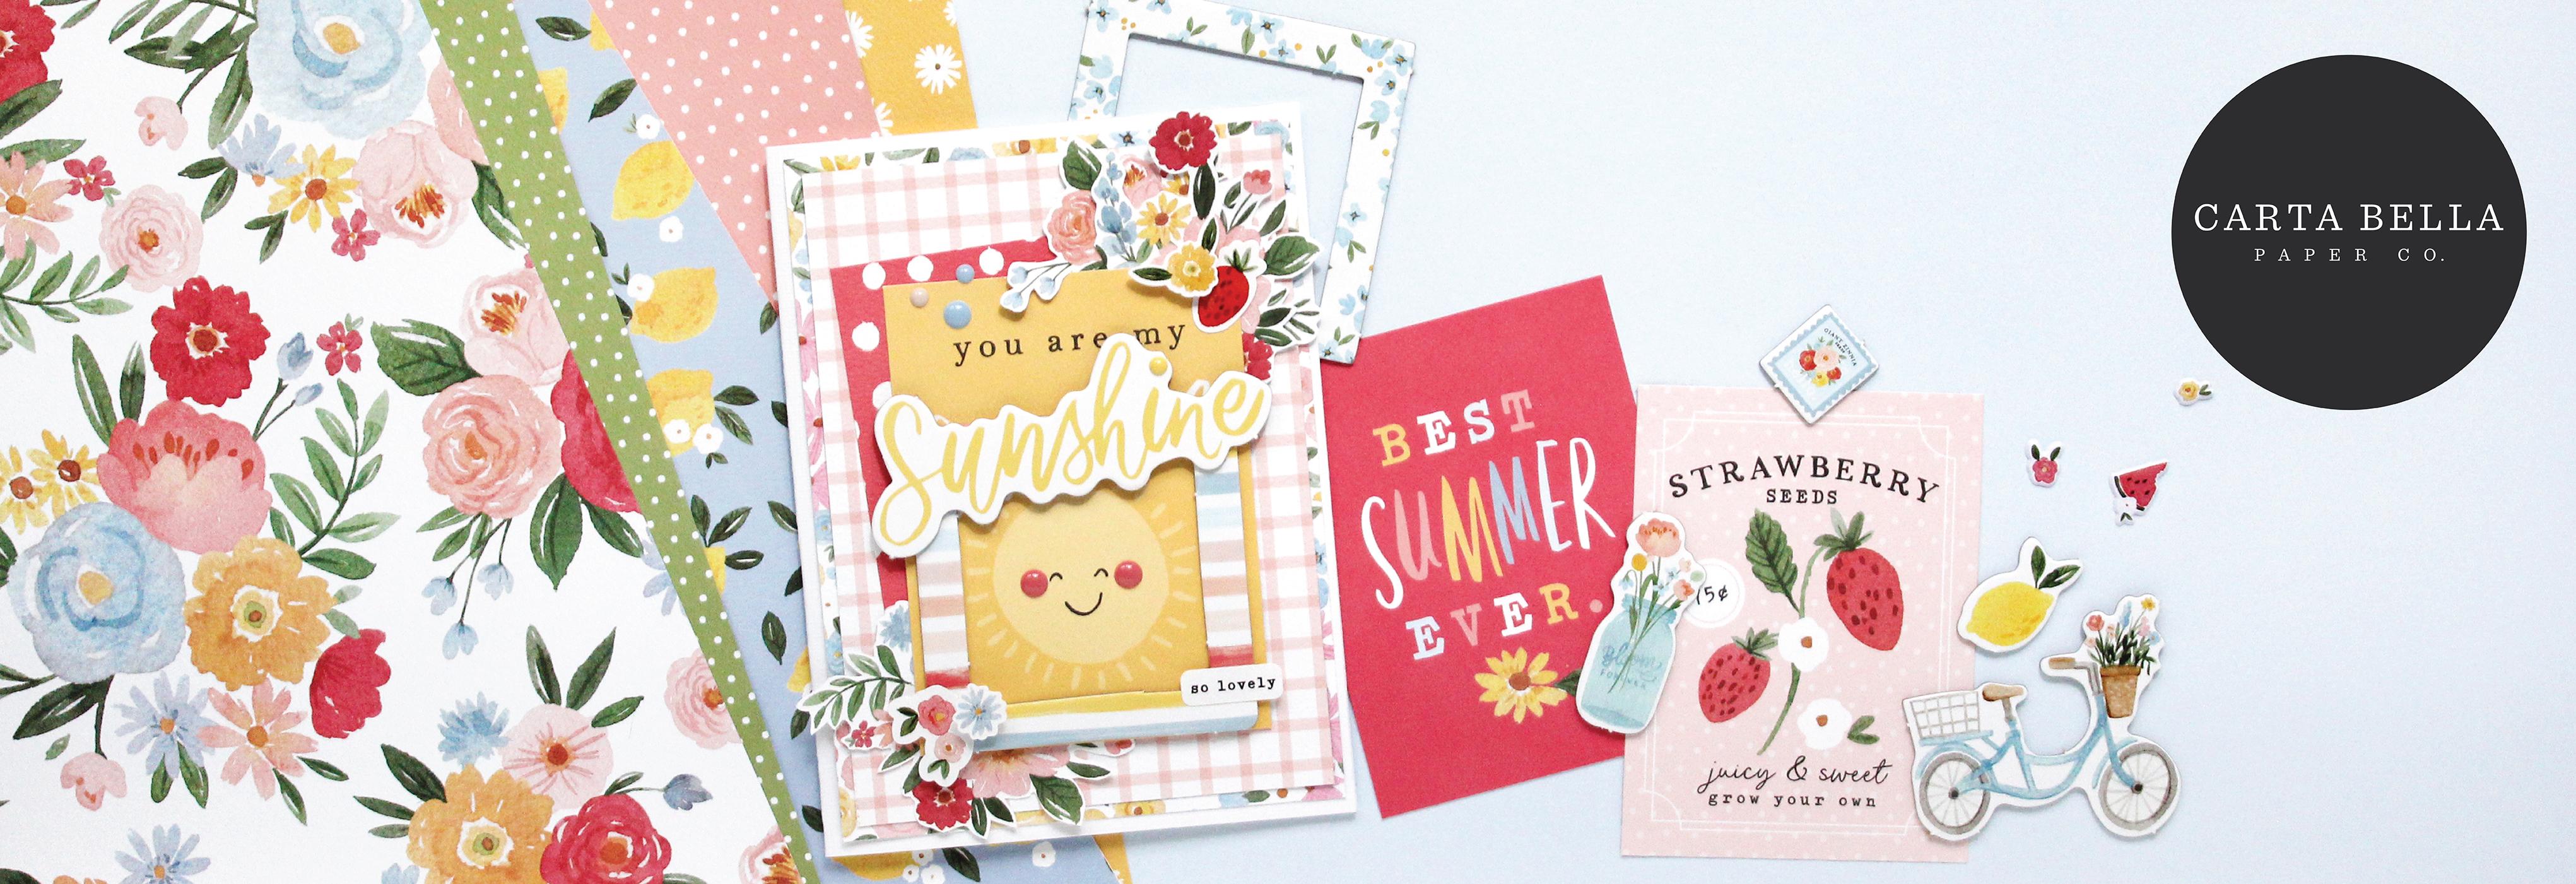 cb-summer-snap-click-banner-4083.jpg